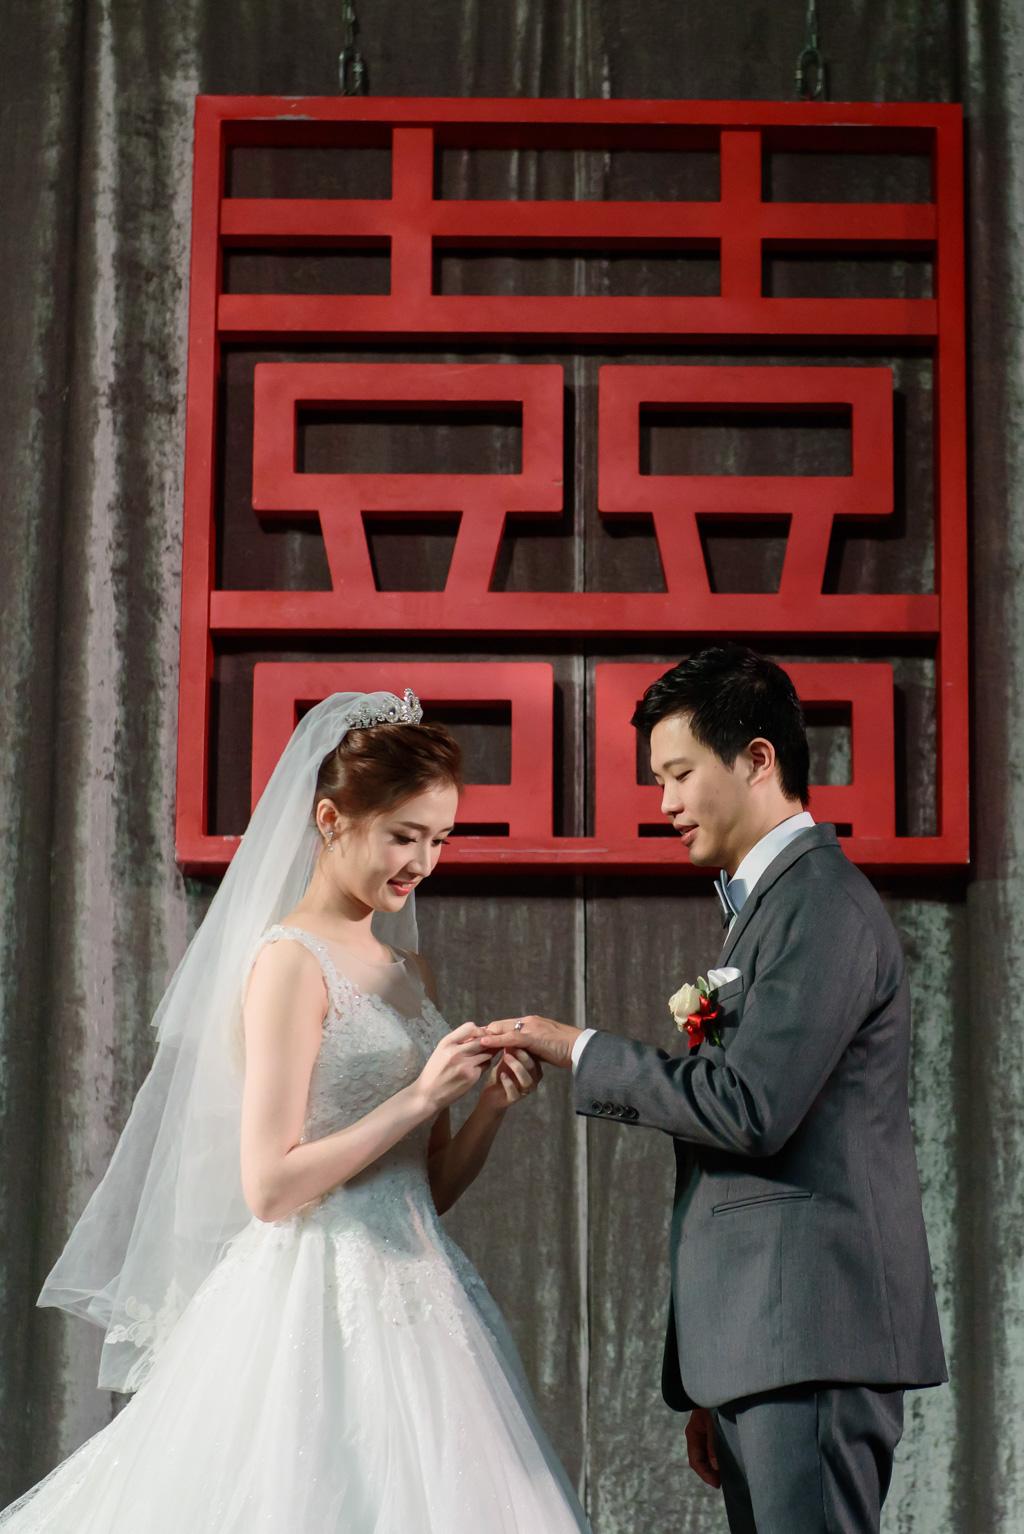 婚攝小勇,小寶團隊, 台北婚攝, 寒舍艾麗, 寒舍艾麗婚攝, 新秘 diva, wedding day-044